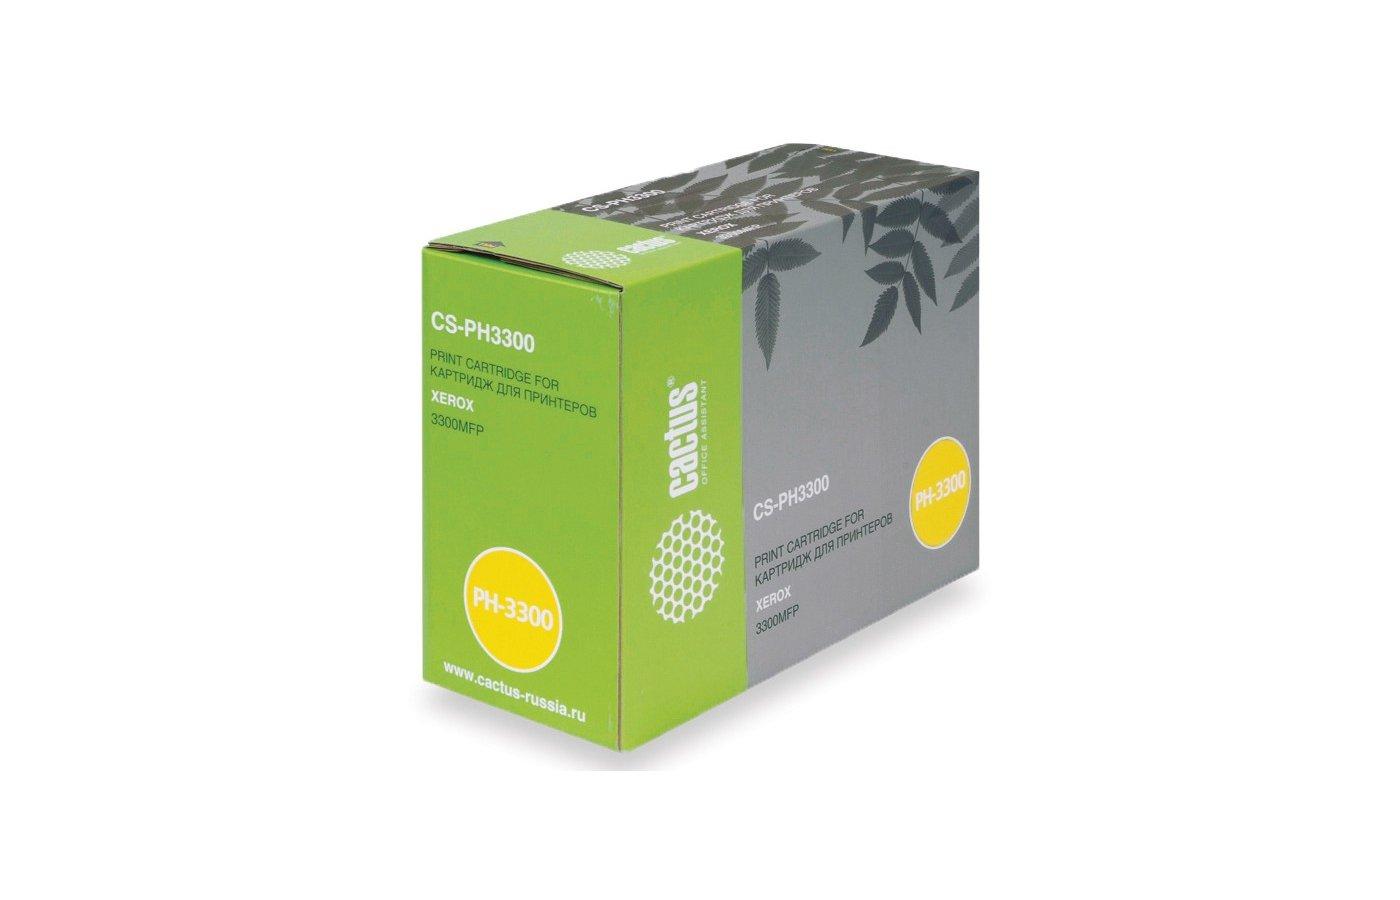 Картридж лазерный Cactus CS-PH3300 (106R01412) совместимый черный для Xerox Phaser 3300 MFP X (8000стр.)